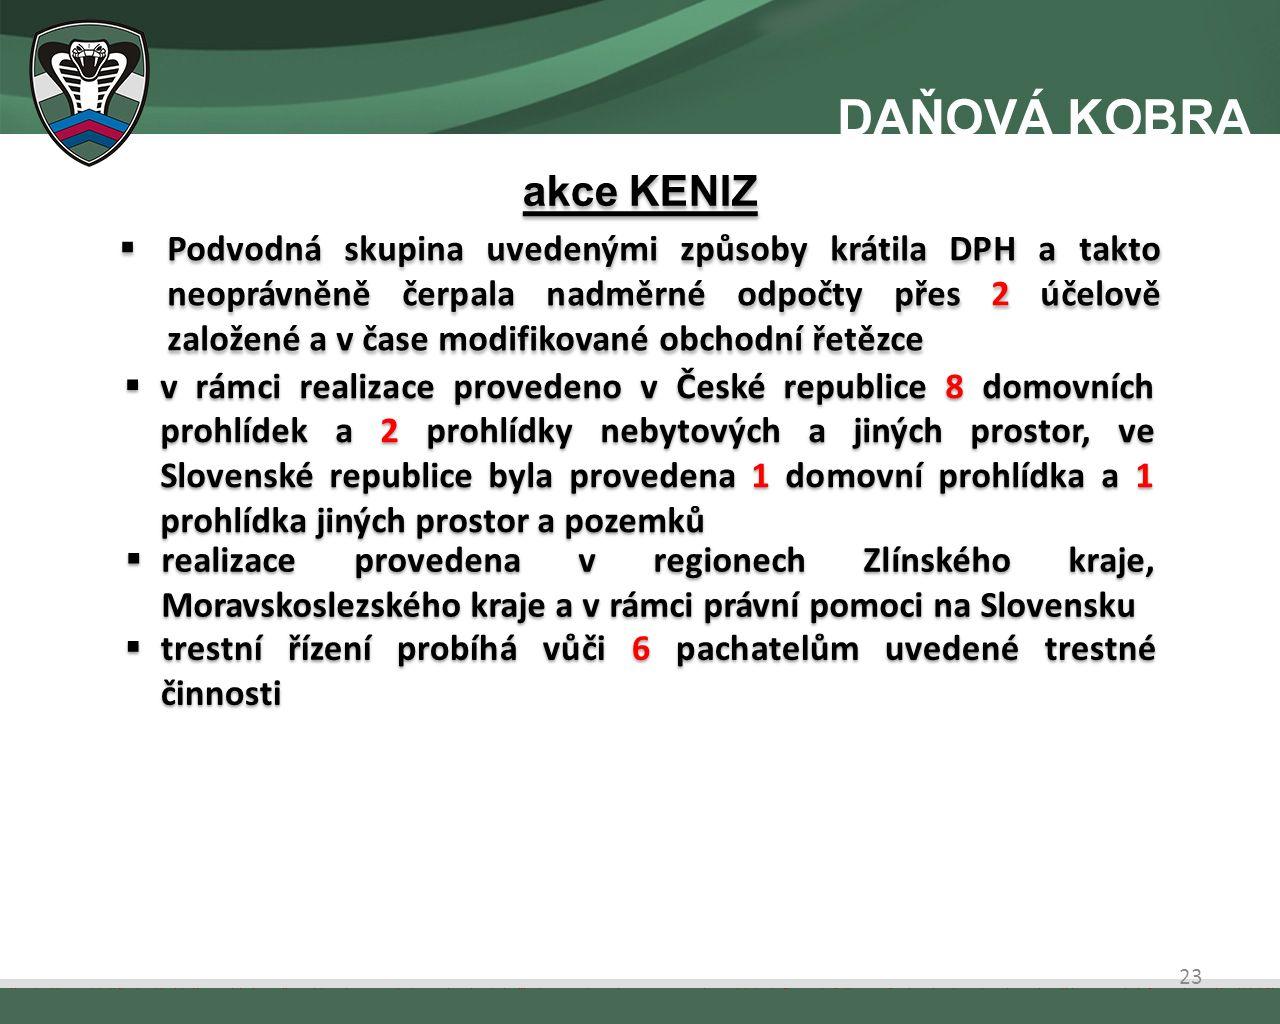  Podvodná skupina uvedenými způsoby krátila DPH a takto neoprávněně čerpala nadměrné odpočty přes 2 účelově založené a v čase modifikované obchodní řetězce  v rámci realizace provedeno v České republice 8 domovních prohlídek a 2 prohlídky nebytových a jiných prostor, ve Slovenské republice byla provedena 1 domovní prohlídka a 1 prohlídka jiných prostor a pozemků  realizace provedena v regionech Zlínského kraje, Moravskoslezského kraje a v rámci právní pomoci na Slovensku  trestní řízení probíhá vůči 6 pachatelům uvedené trestné činnosti akce KENIZ 23